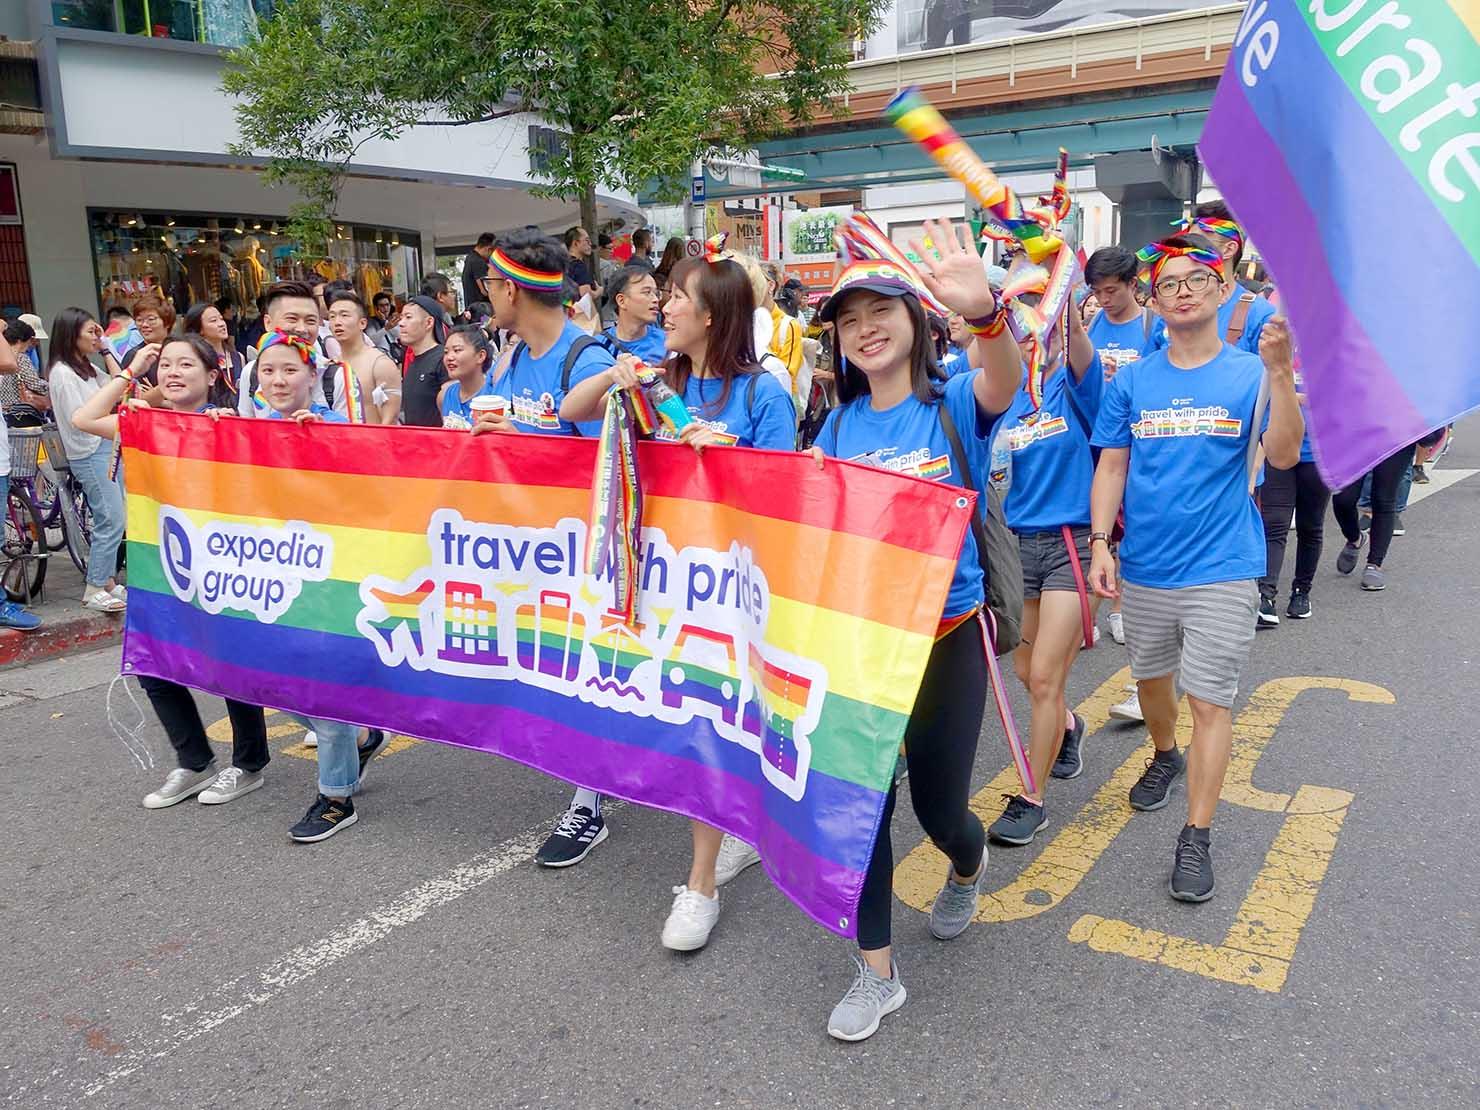 台灣同志遊行(台湾LGBTプライド)2019のパレードを歩く旅行会社のグループ